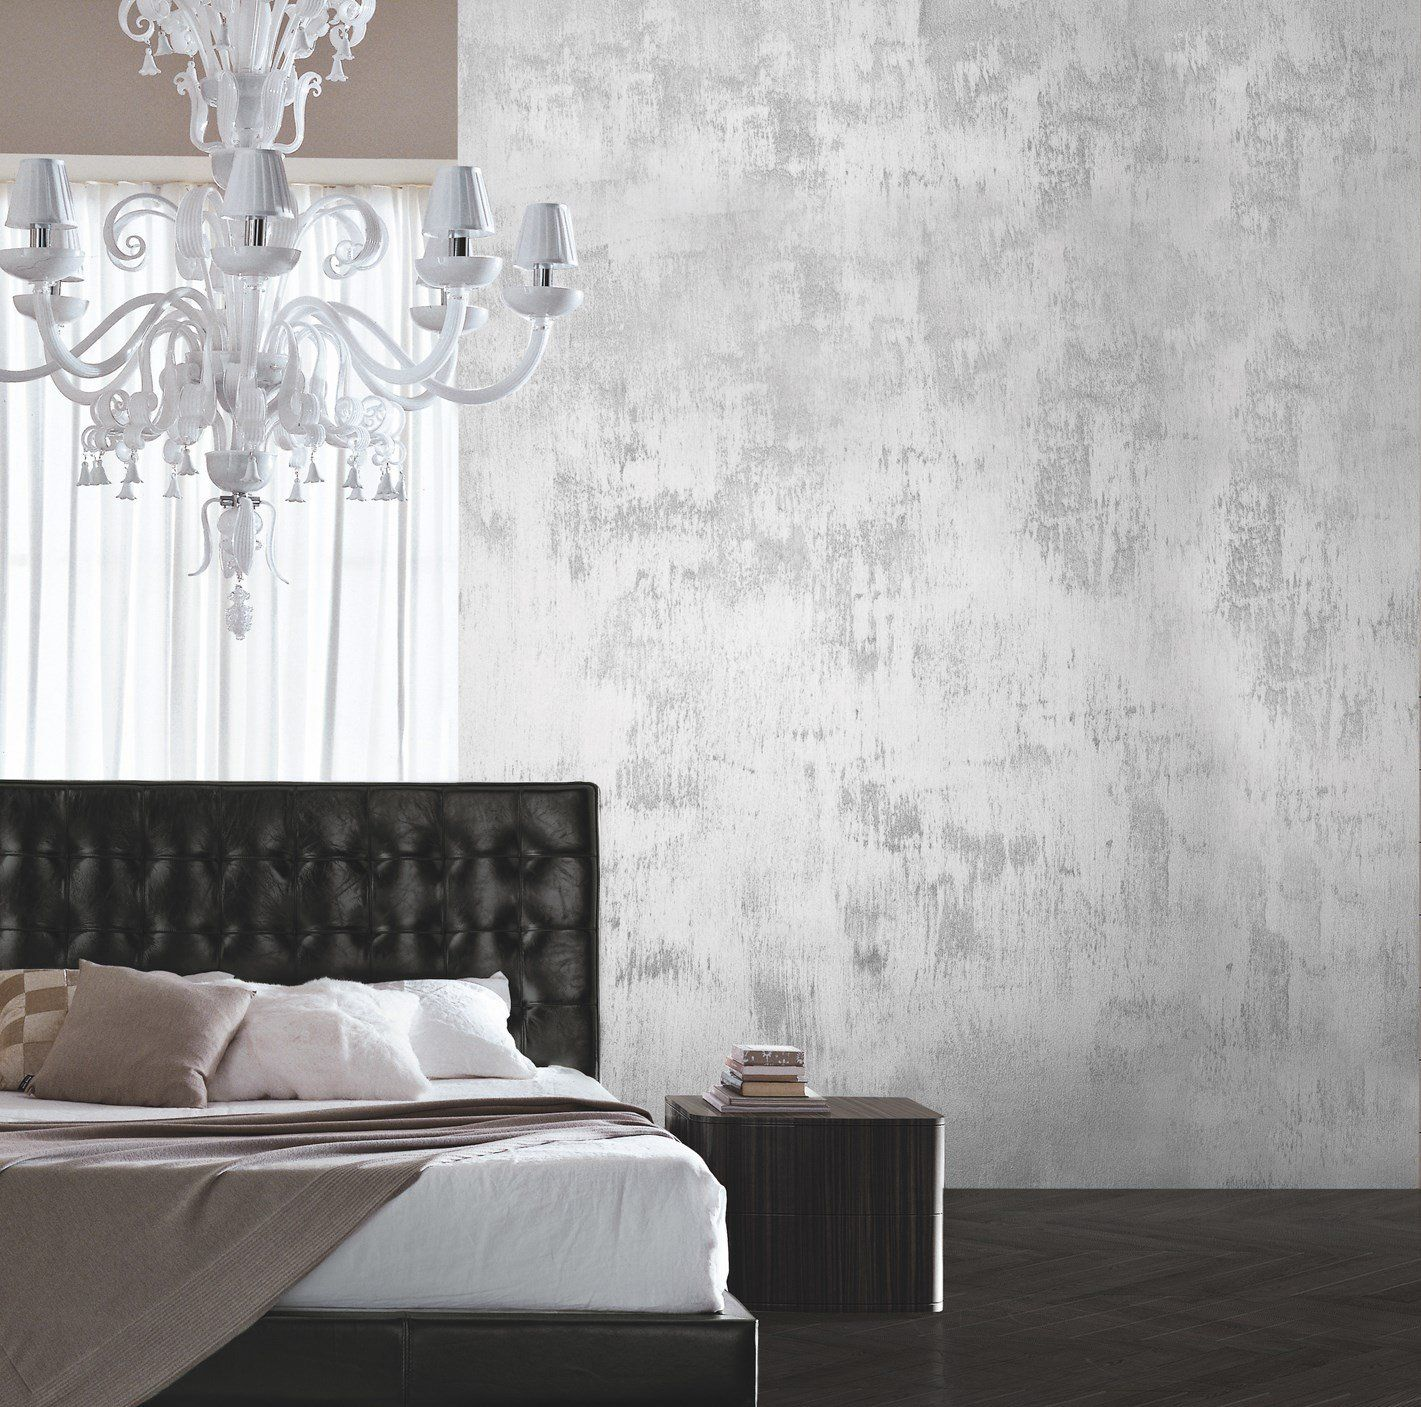 Il decorativo Marcopolo dona agli ambienti un'eleganza senza tempo